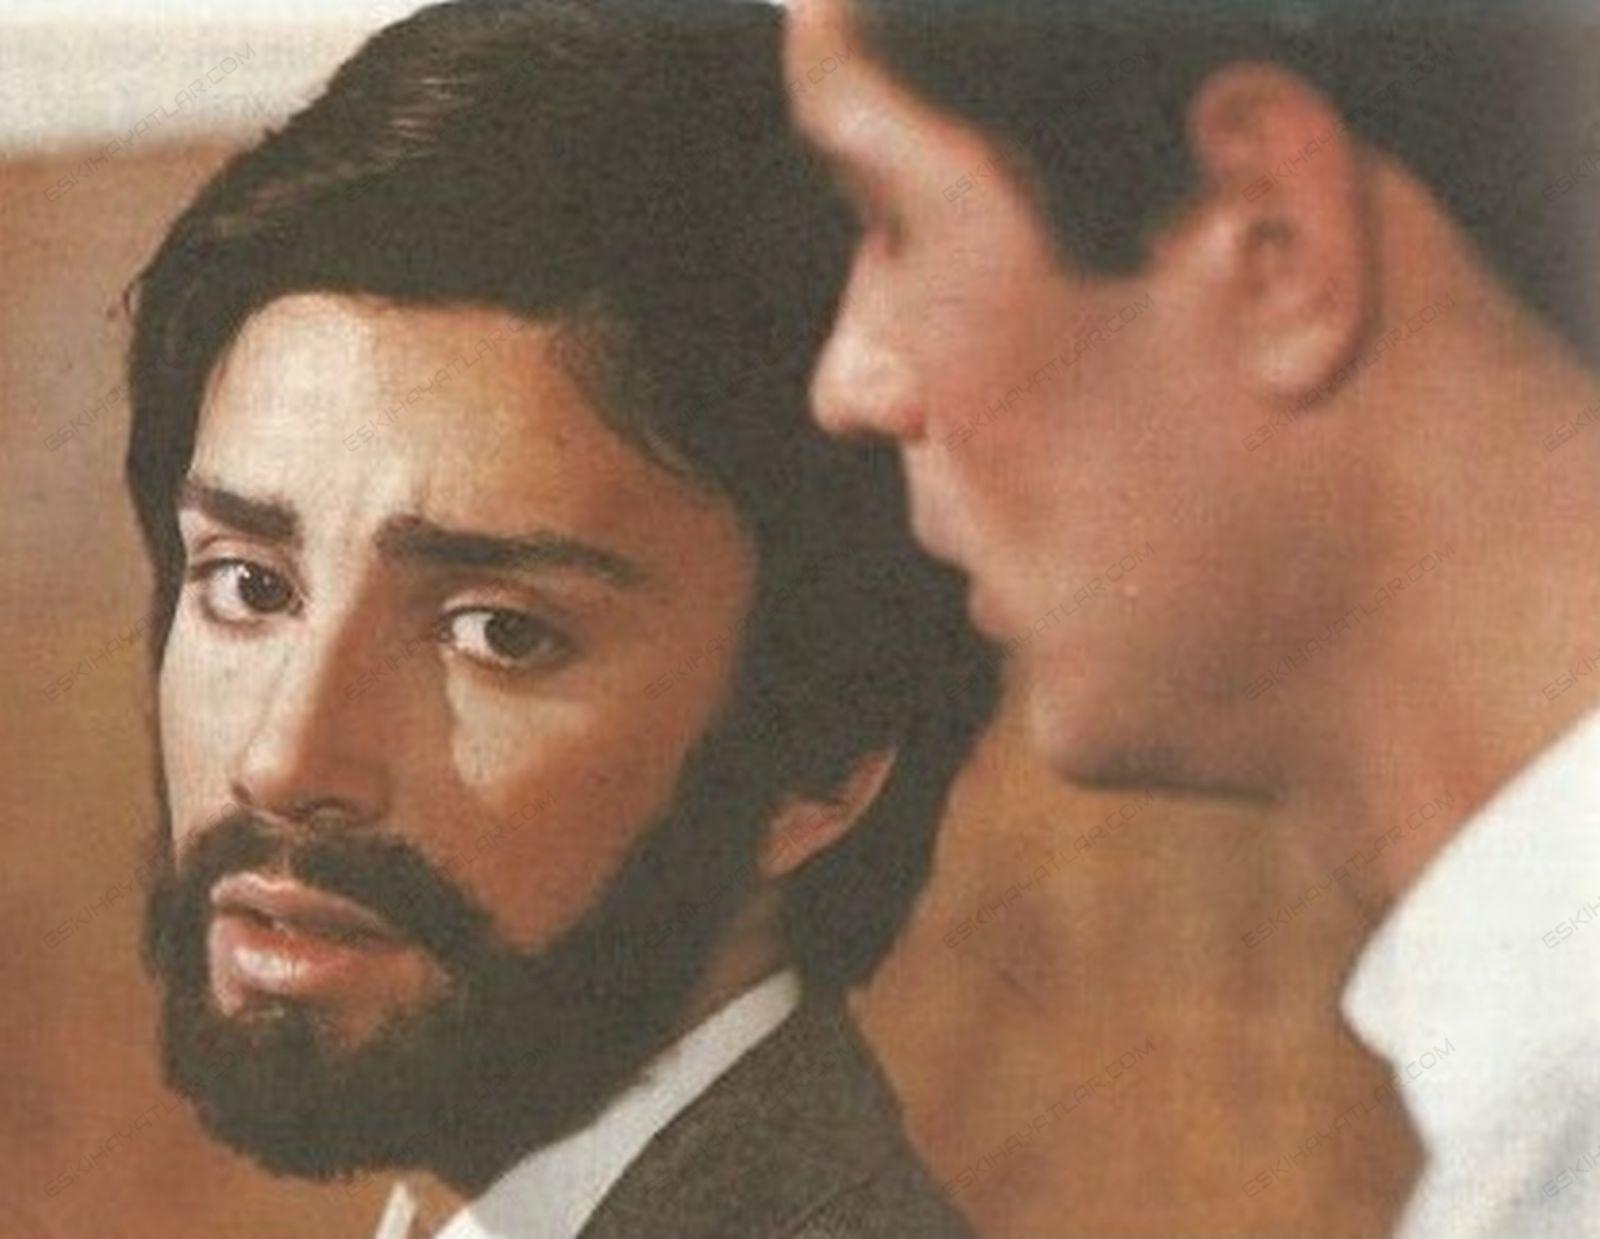 0329-cigdem-tunc-do-re-mi-programi-trt-1985-kadinca-dergisi-erol-atar-fotograflari-studyo-erol (8)